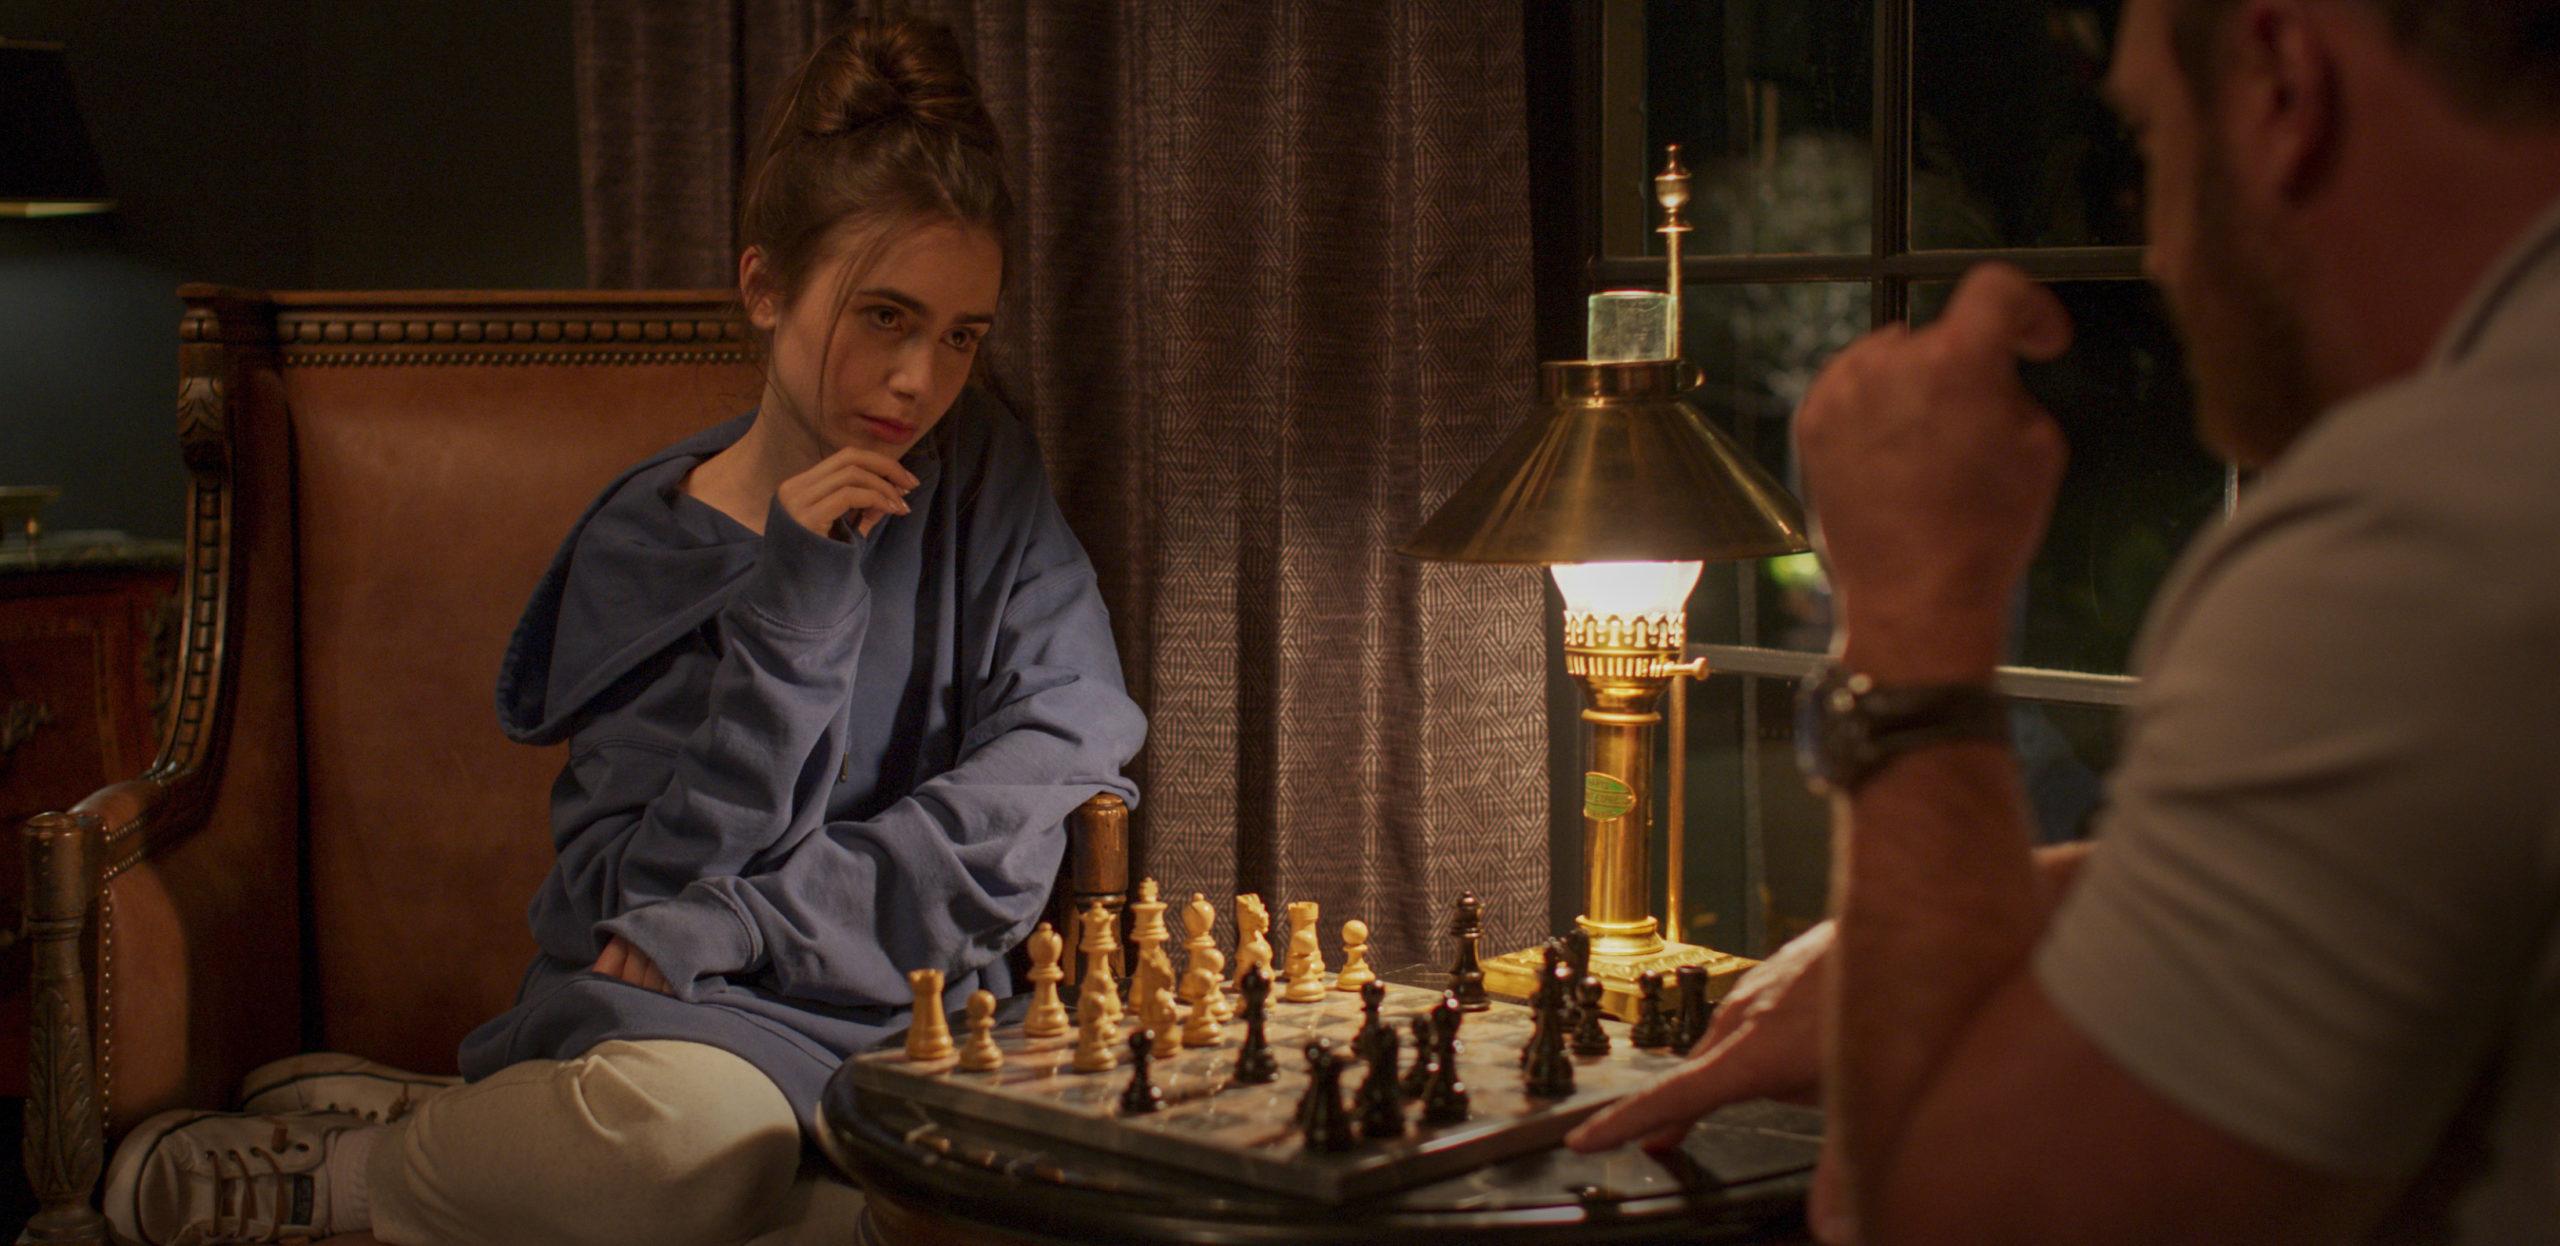 Триллер «Темное наследие» режиссера Вона Стайна — премьера на цифровых платформах 19 мая